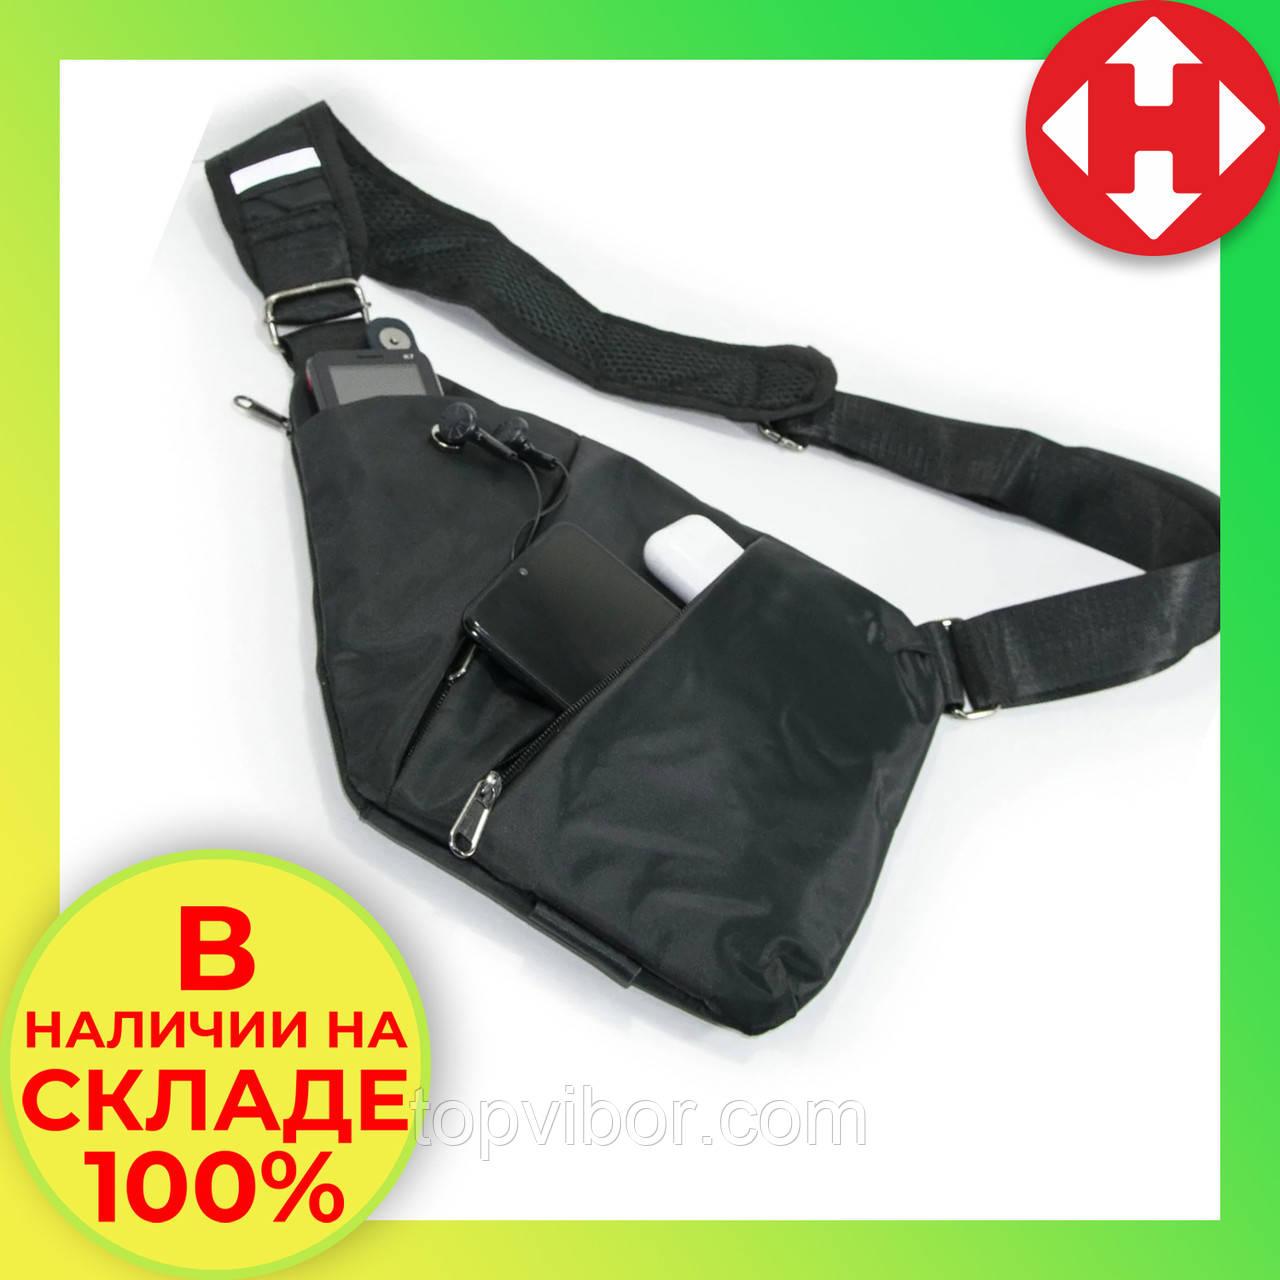 Сумка через плечо, кроссбоди, crossbody, сумка слинг, Черная. Это качественная, кросс боди сумка